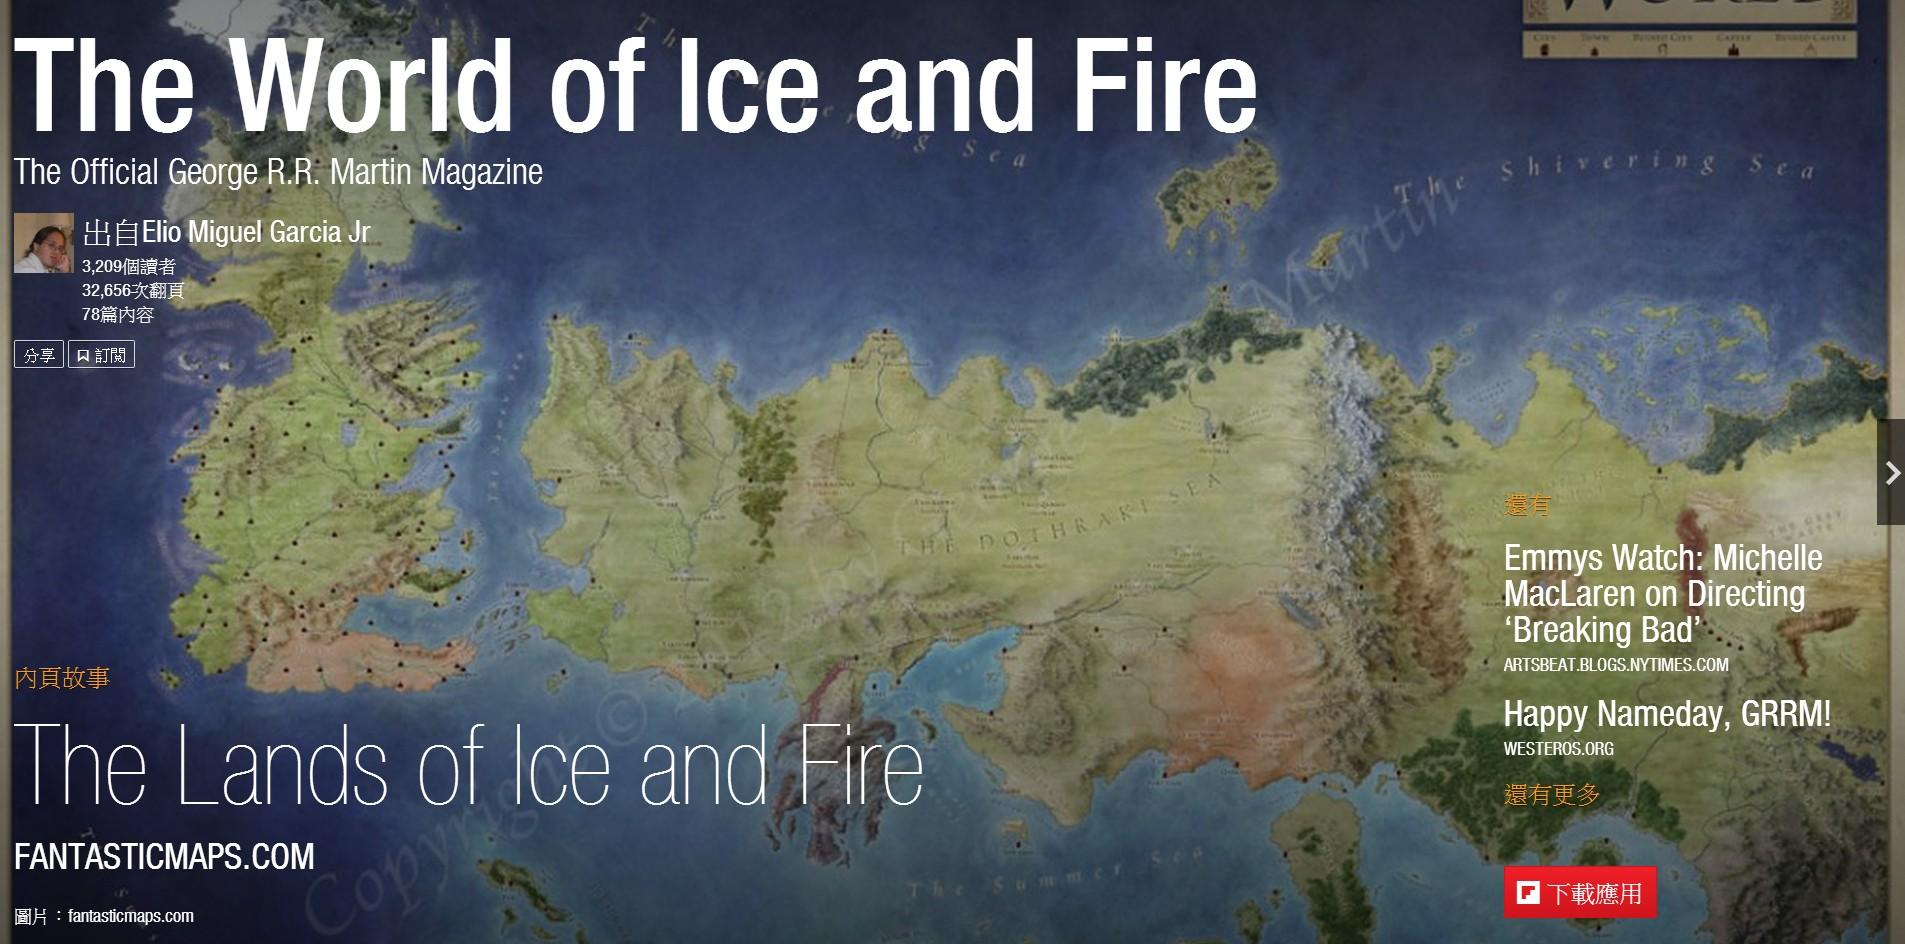 冰與火之歌雜誌擷圖